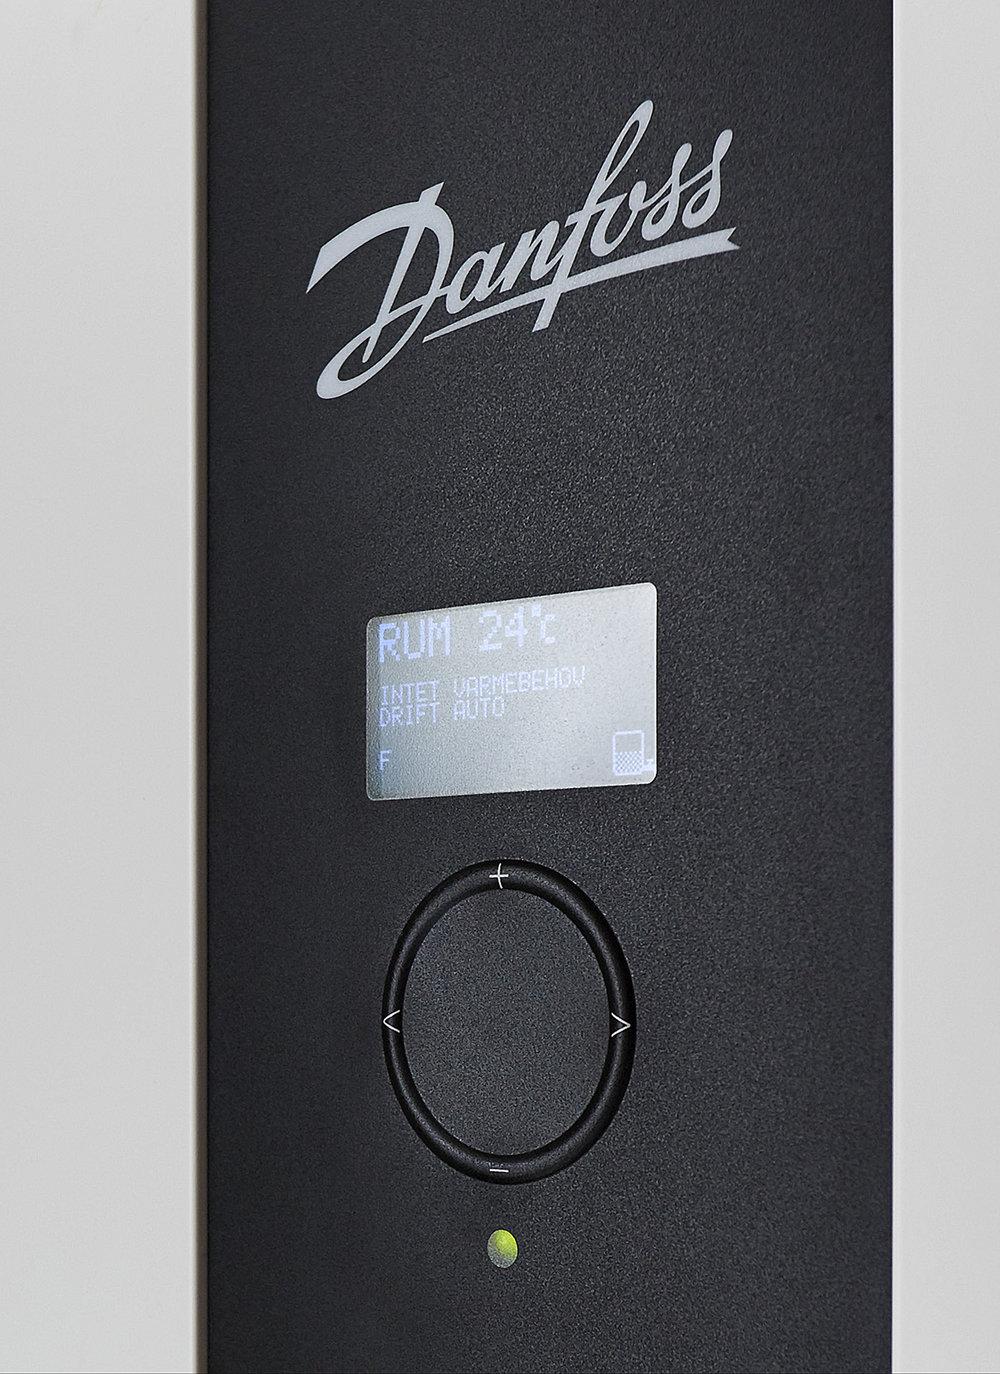 Danfoss Heatpump casestory